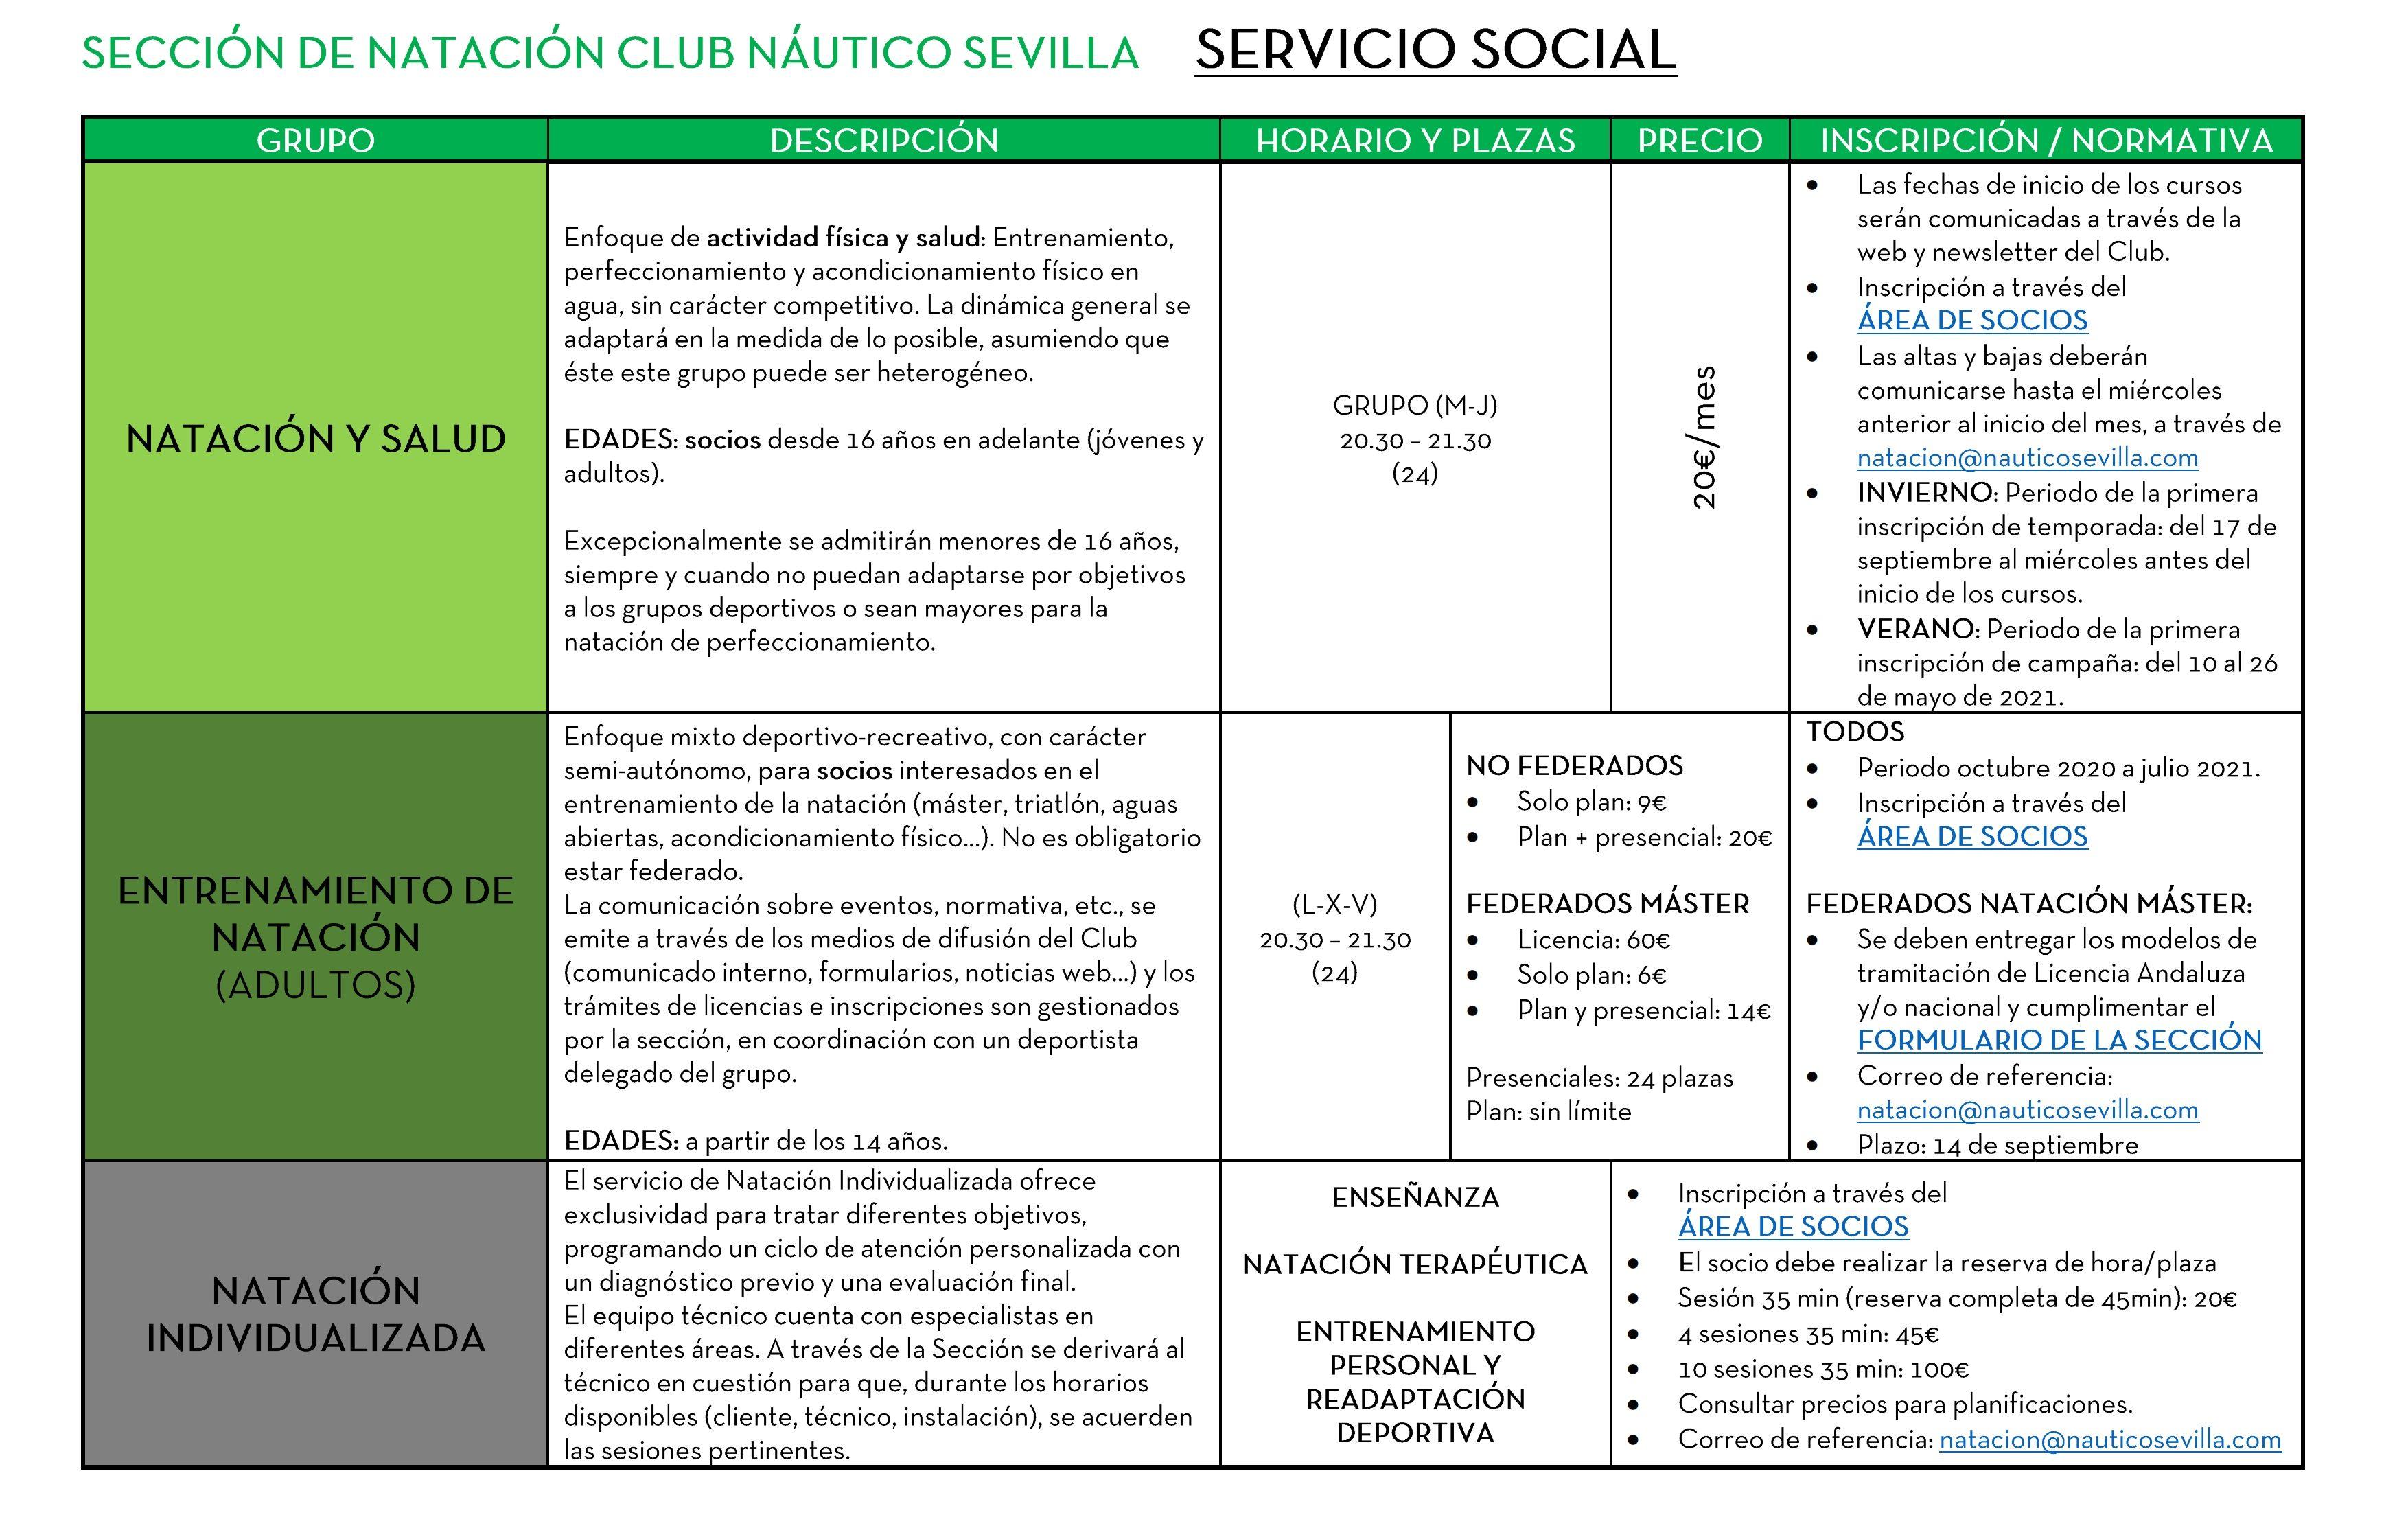 Natación CNS 20-21_004.jpg